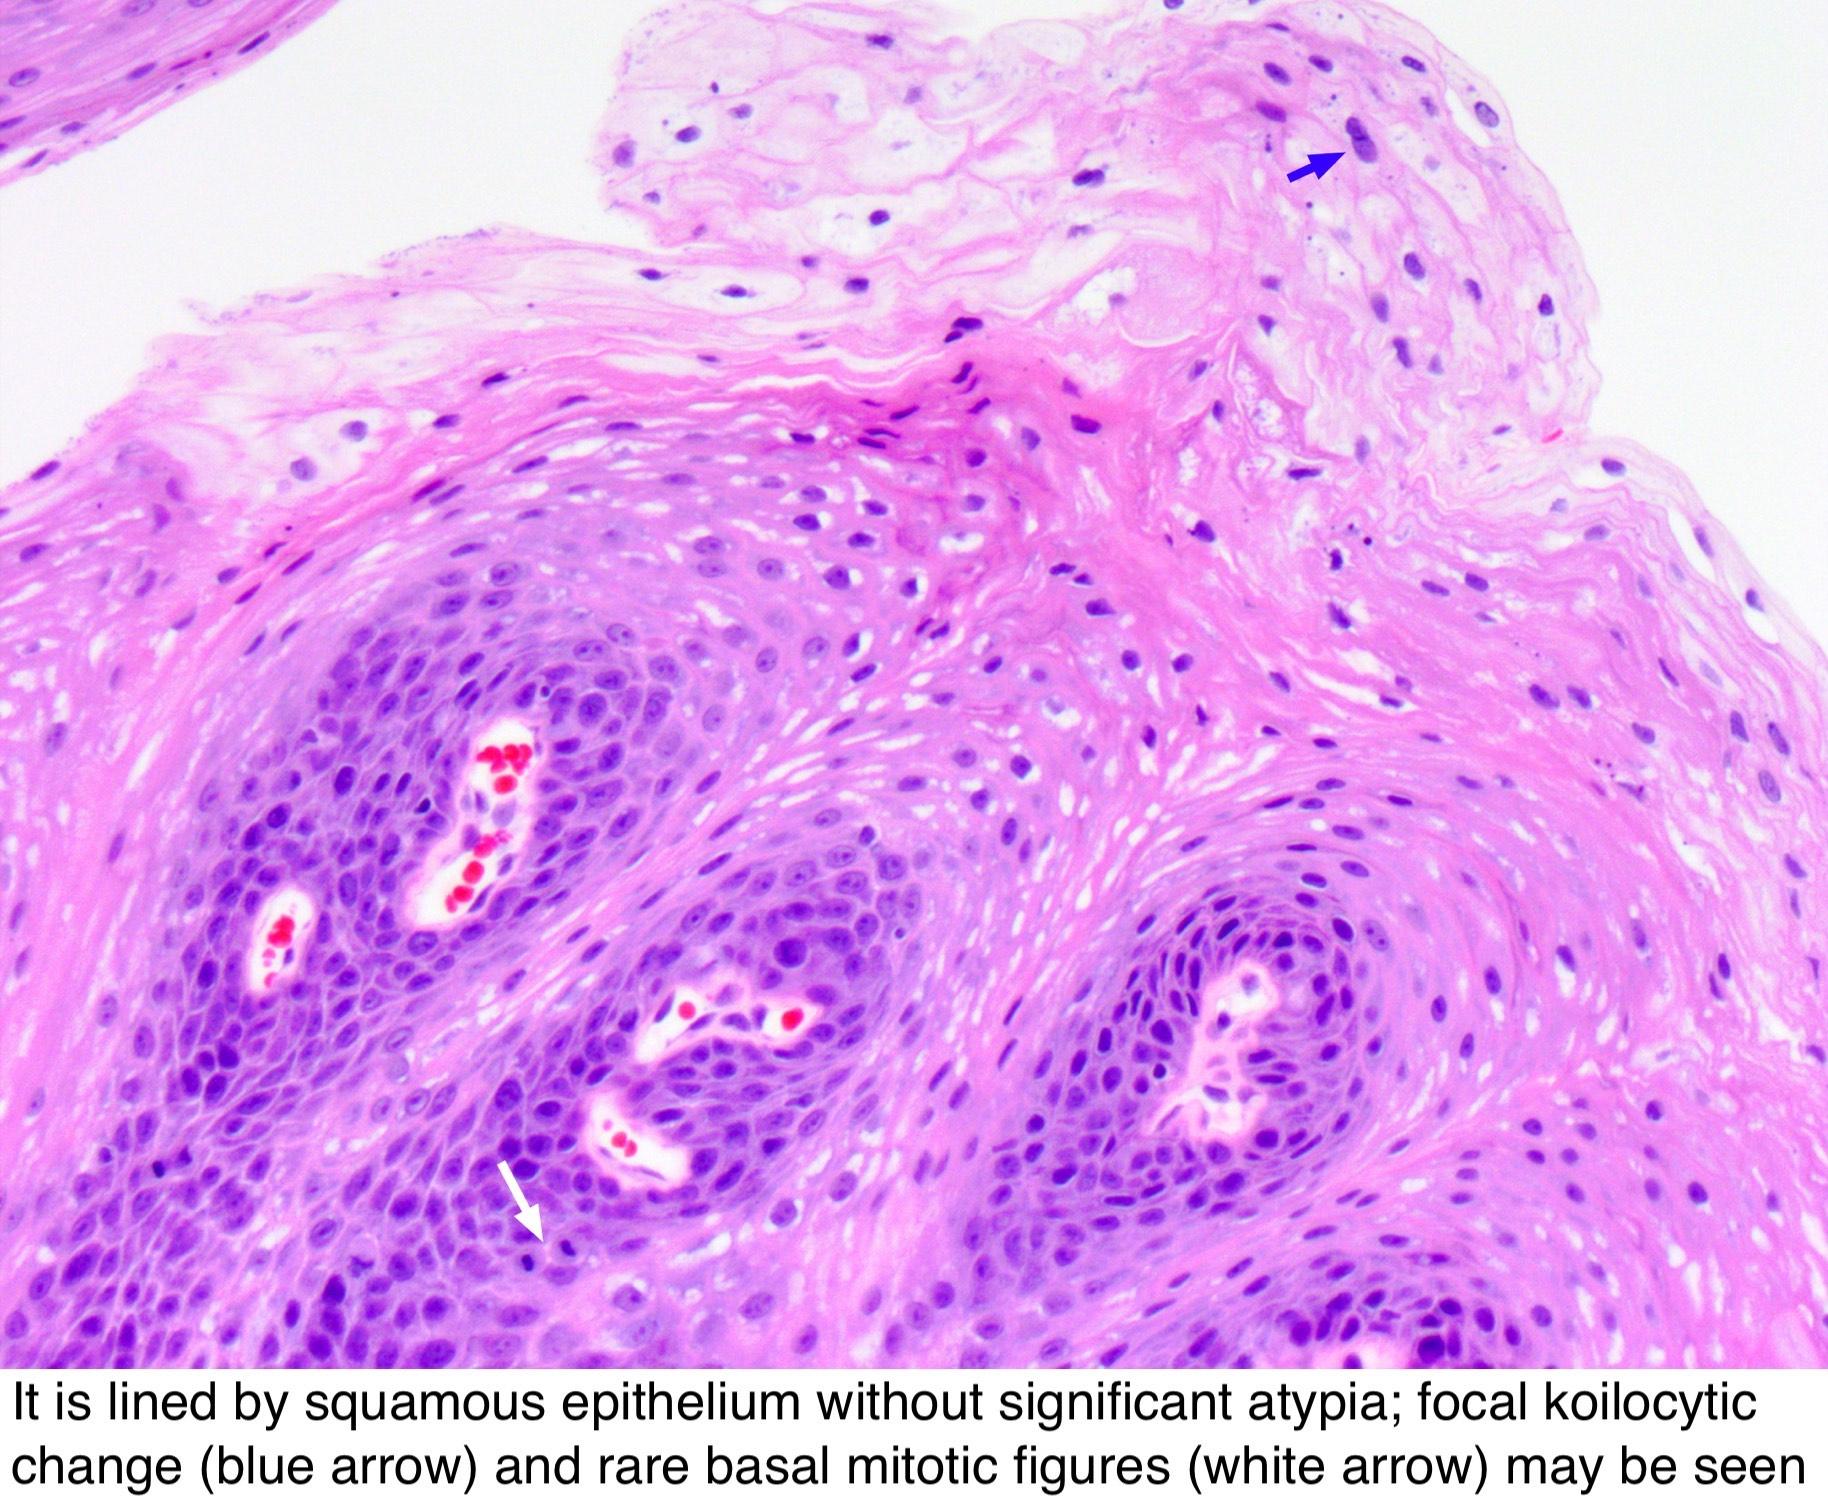 Tumorile benigne ale vezicii urinare la barbati